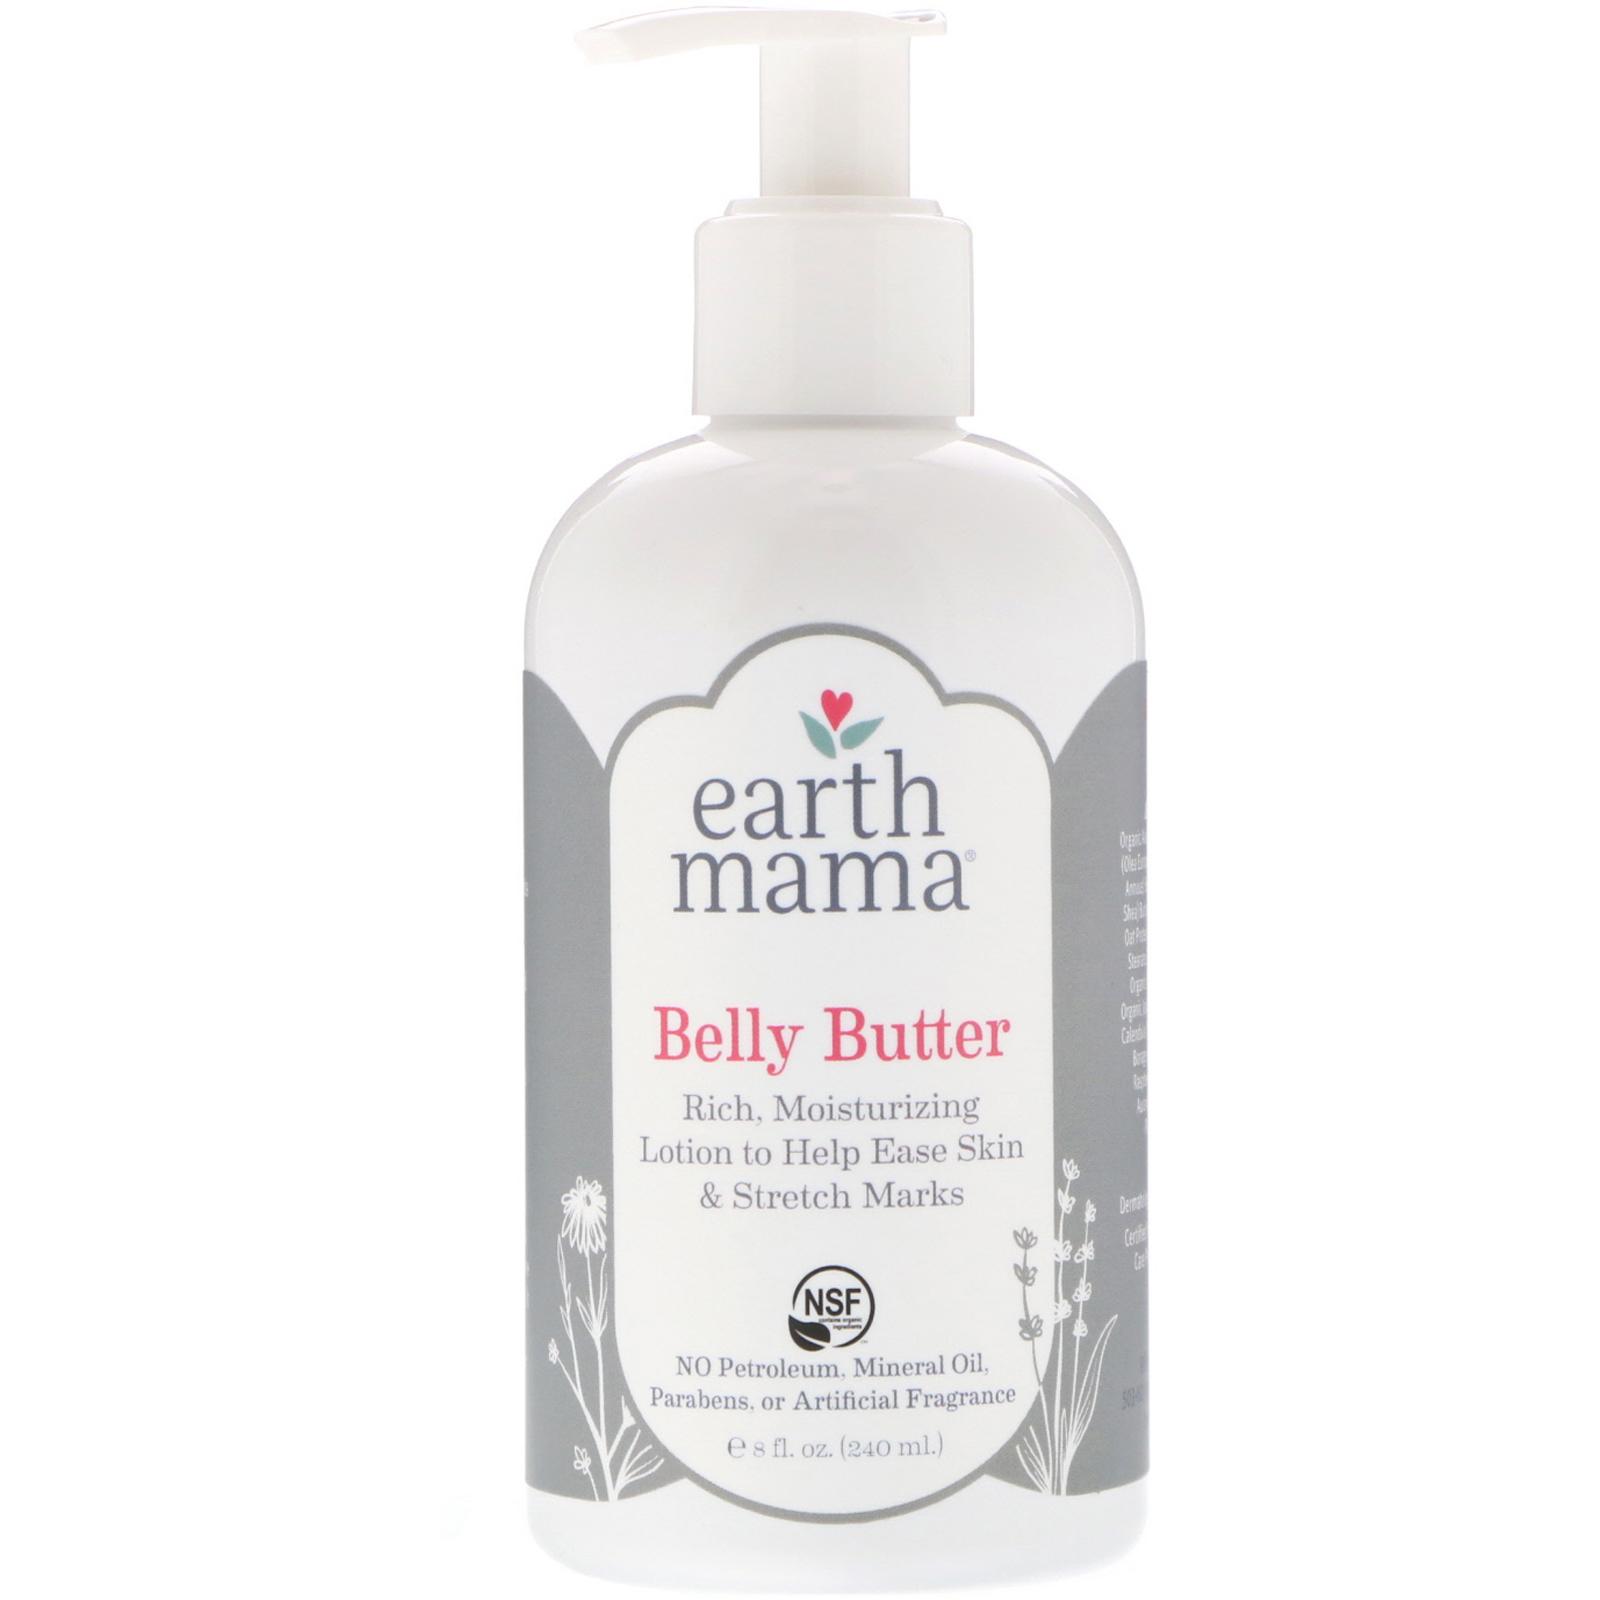 Earth Mama, Belly Butter, 8 fl oz (240 ml) - iHerb com